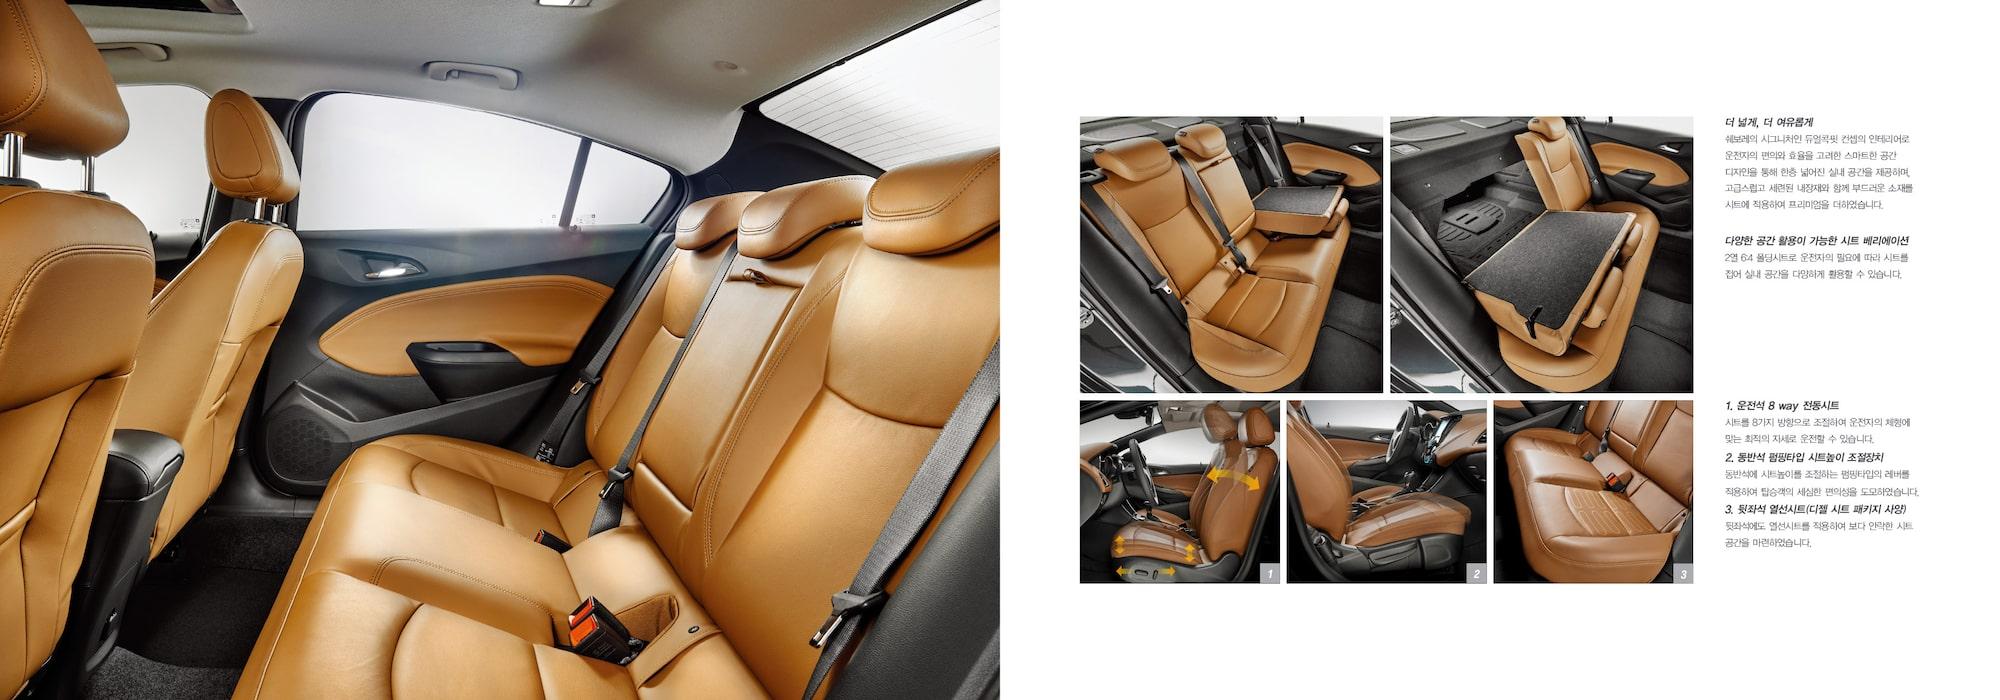 크루즈 카탈로그 E Catalog 쉐보레 Chevrolet 공식 웹사이트